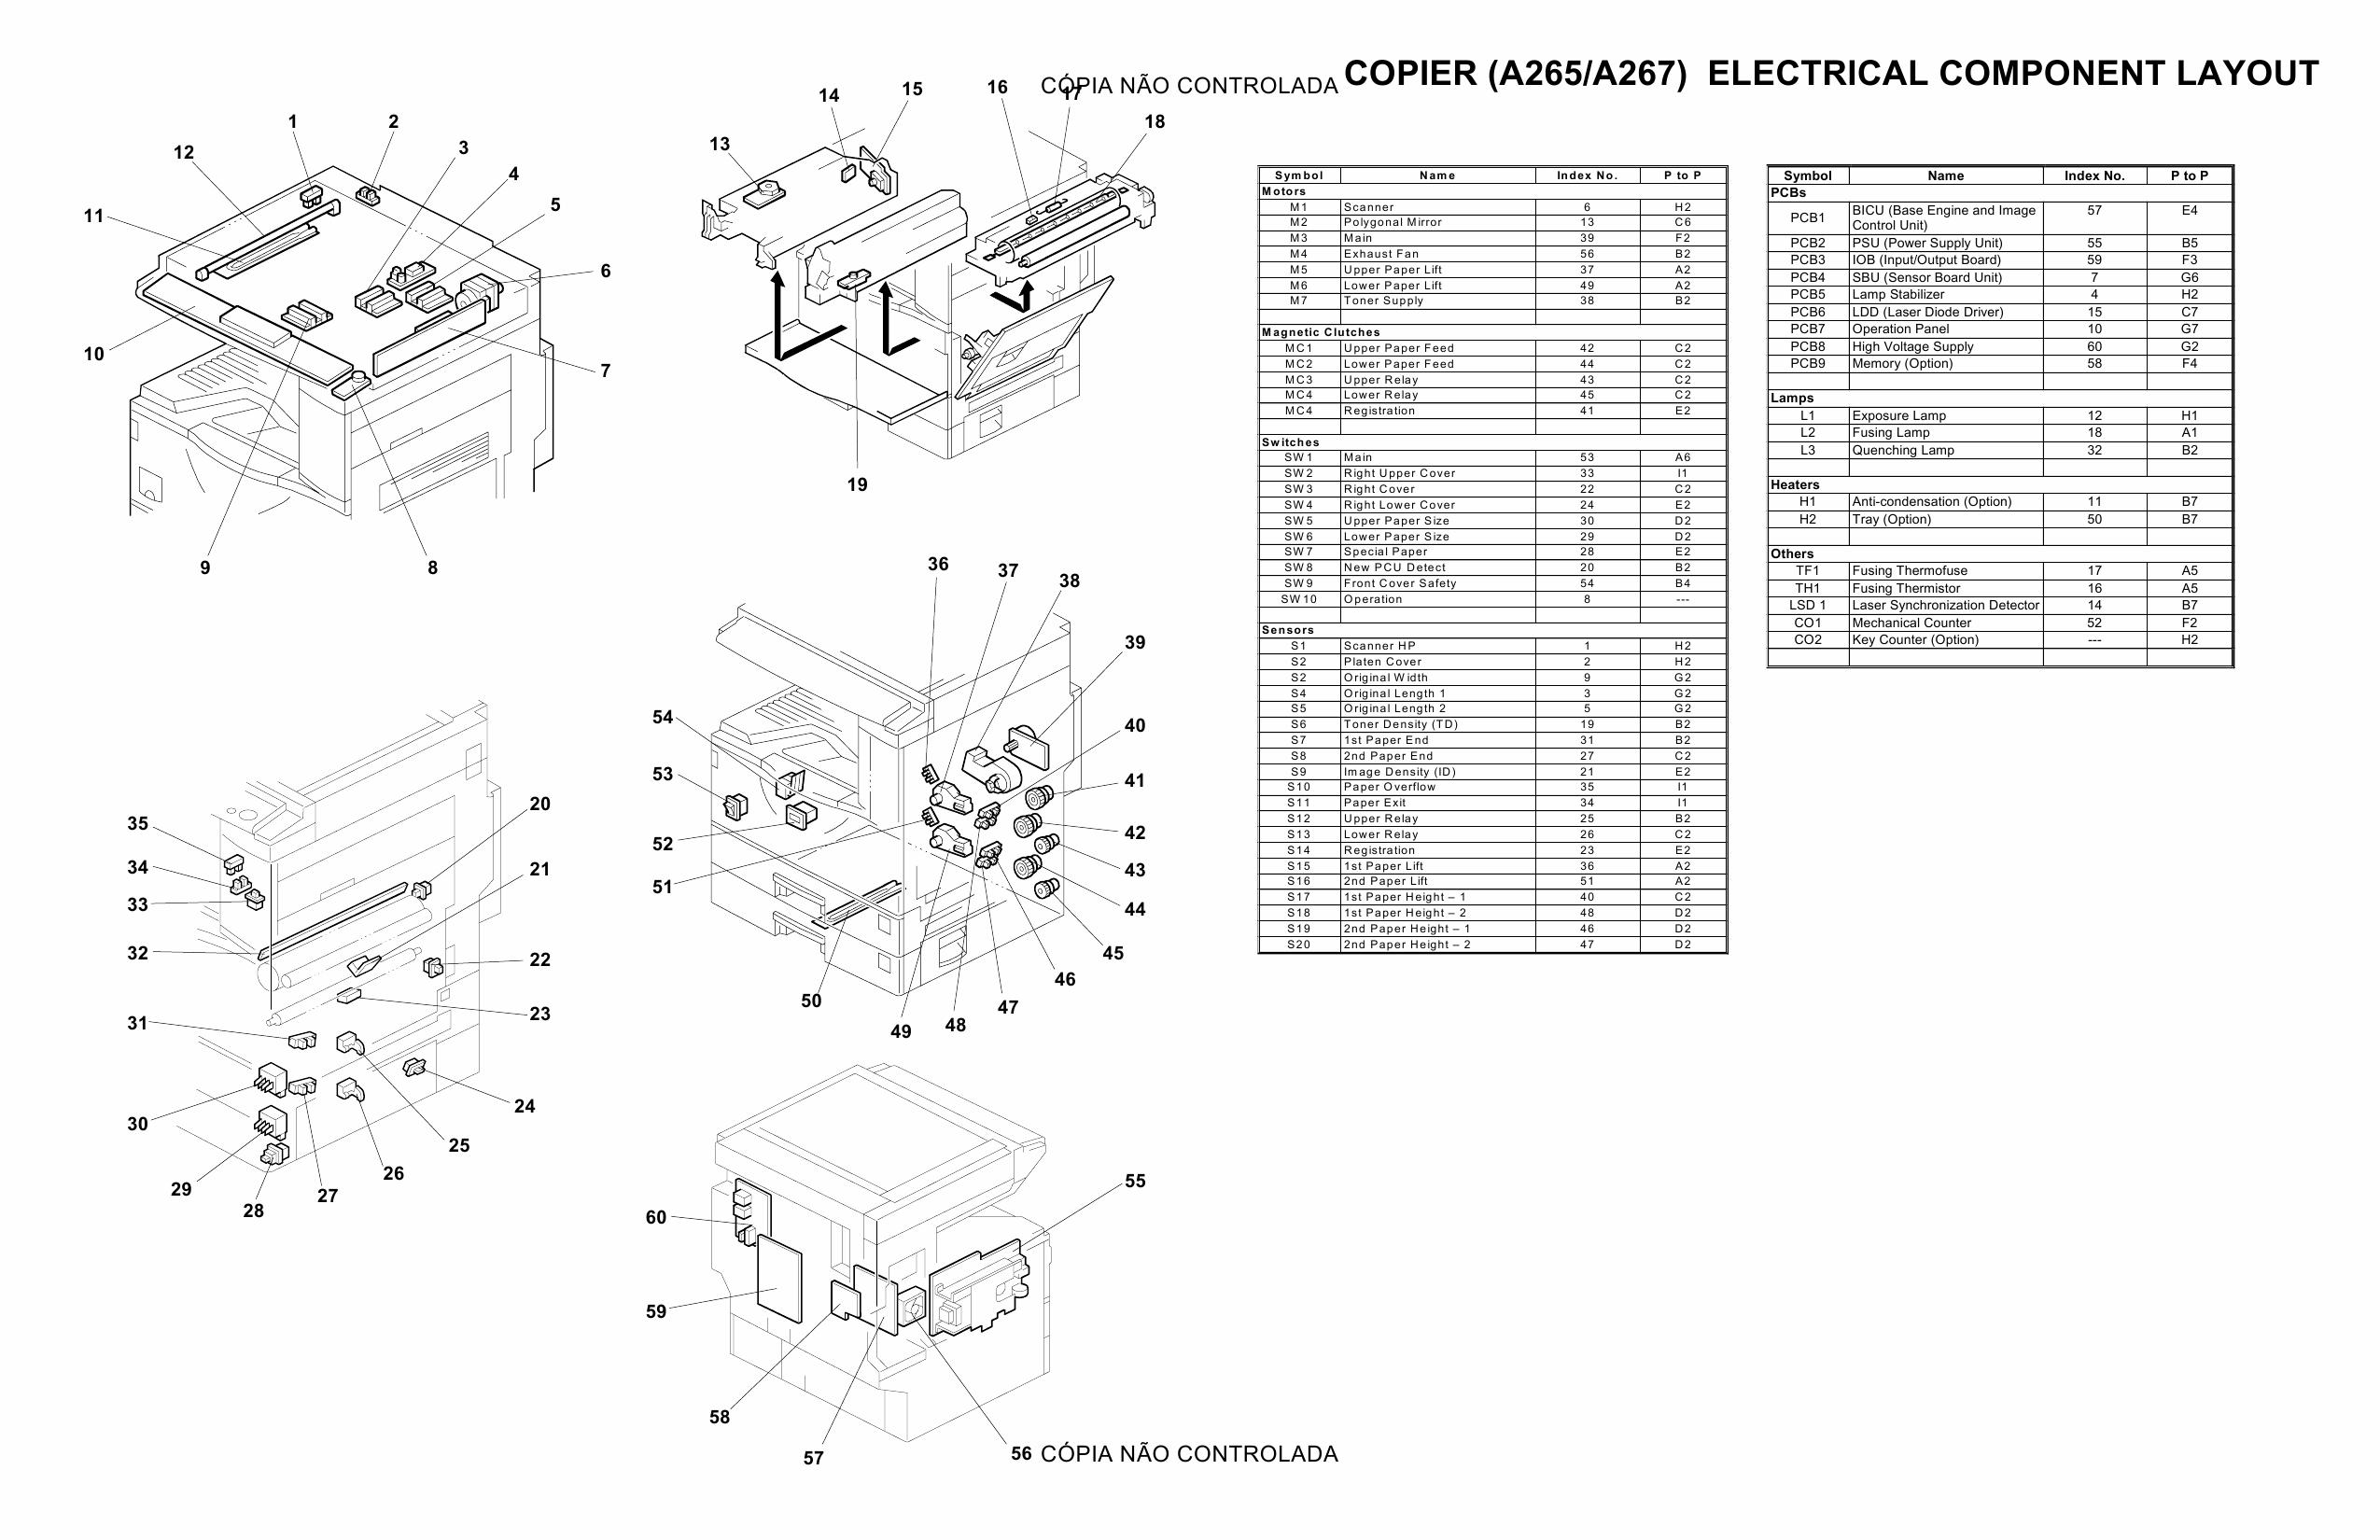 ricoh aficio 220 270 a265 a267 circuit diagram